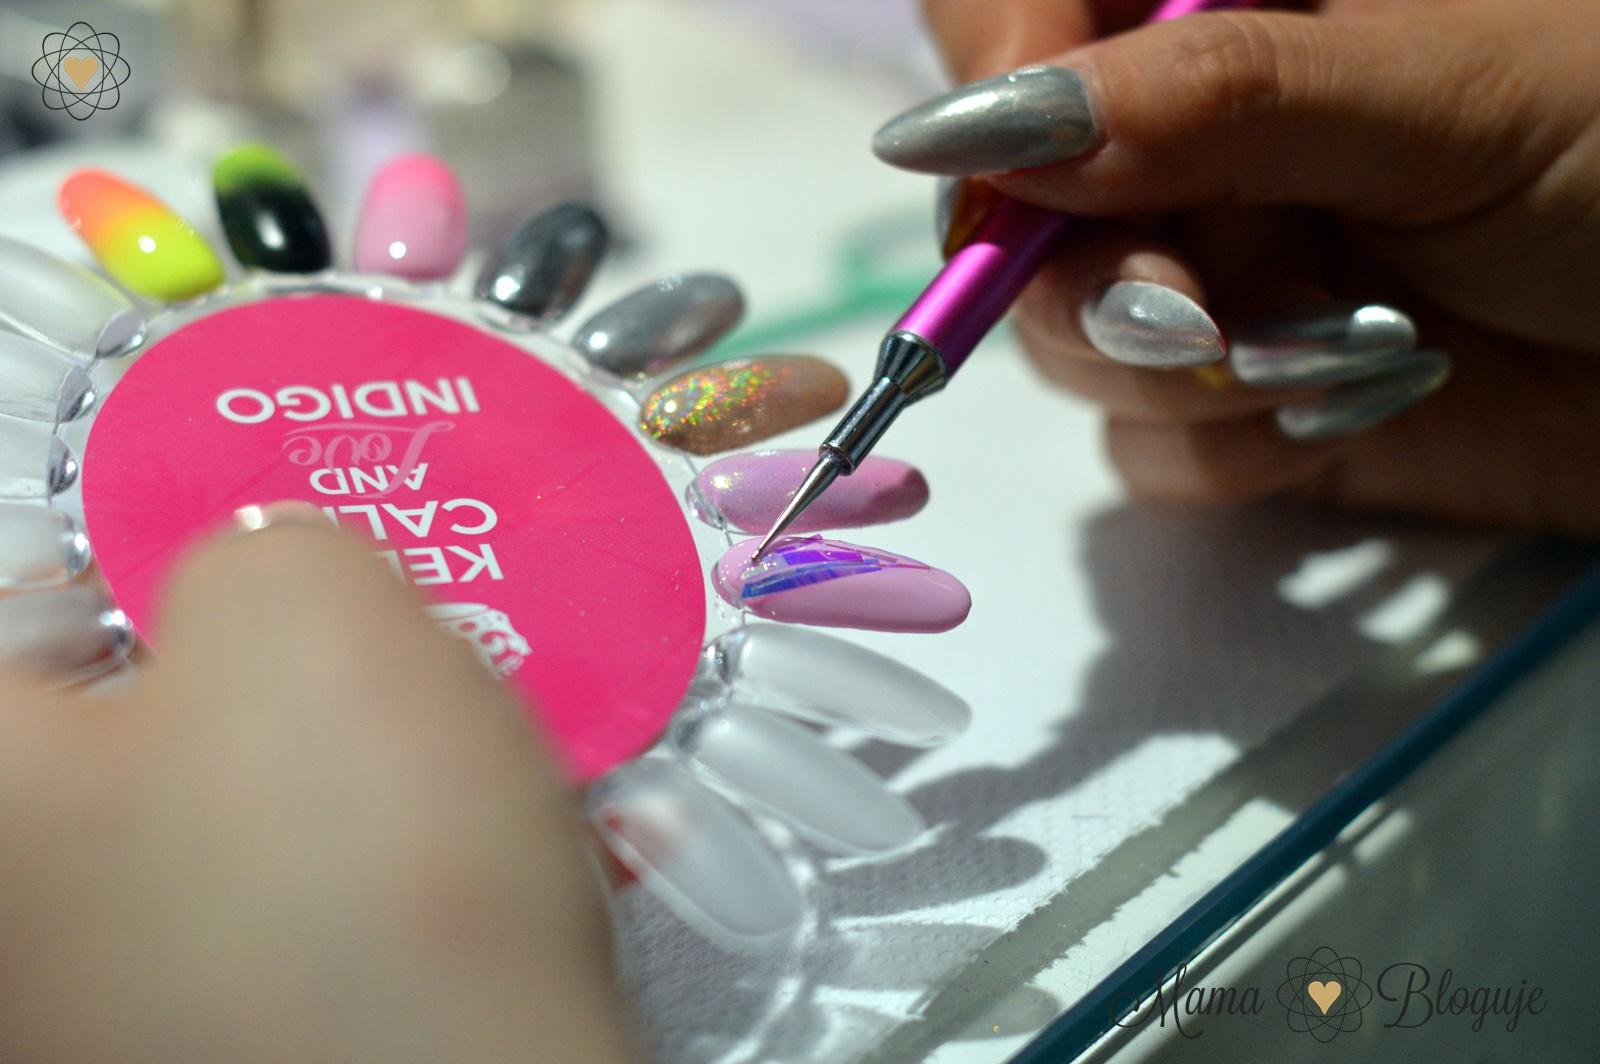 szkolenie indigo manicure hybrydowy 10